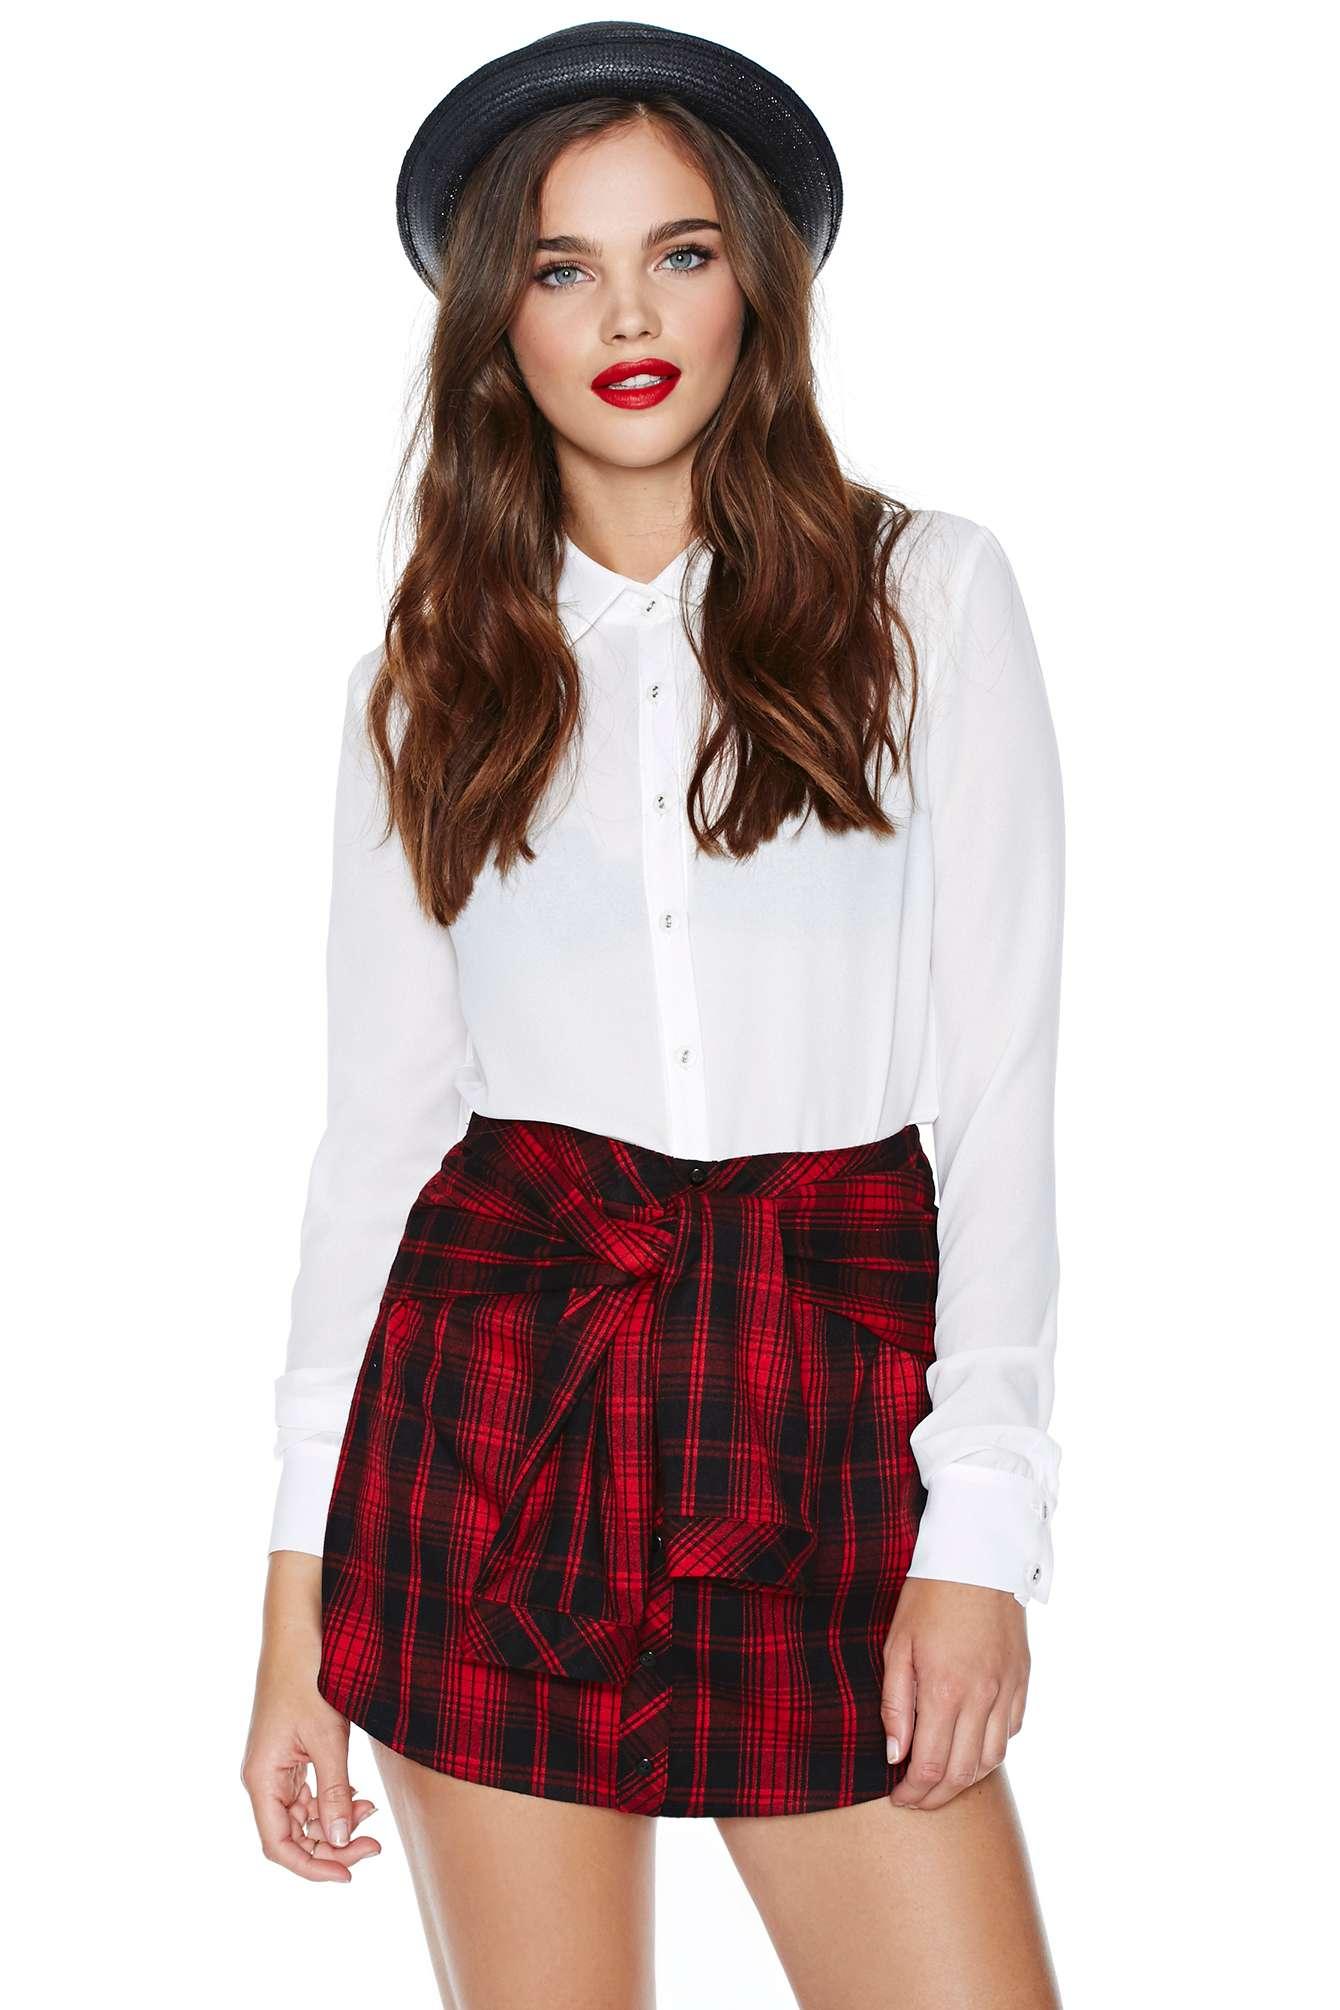 Grunge right in skirt